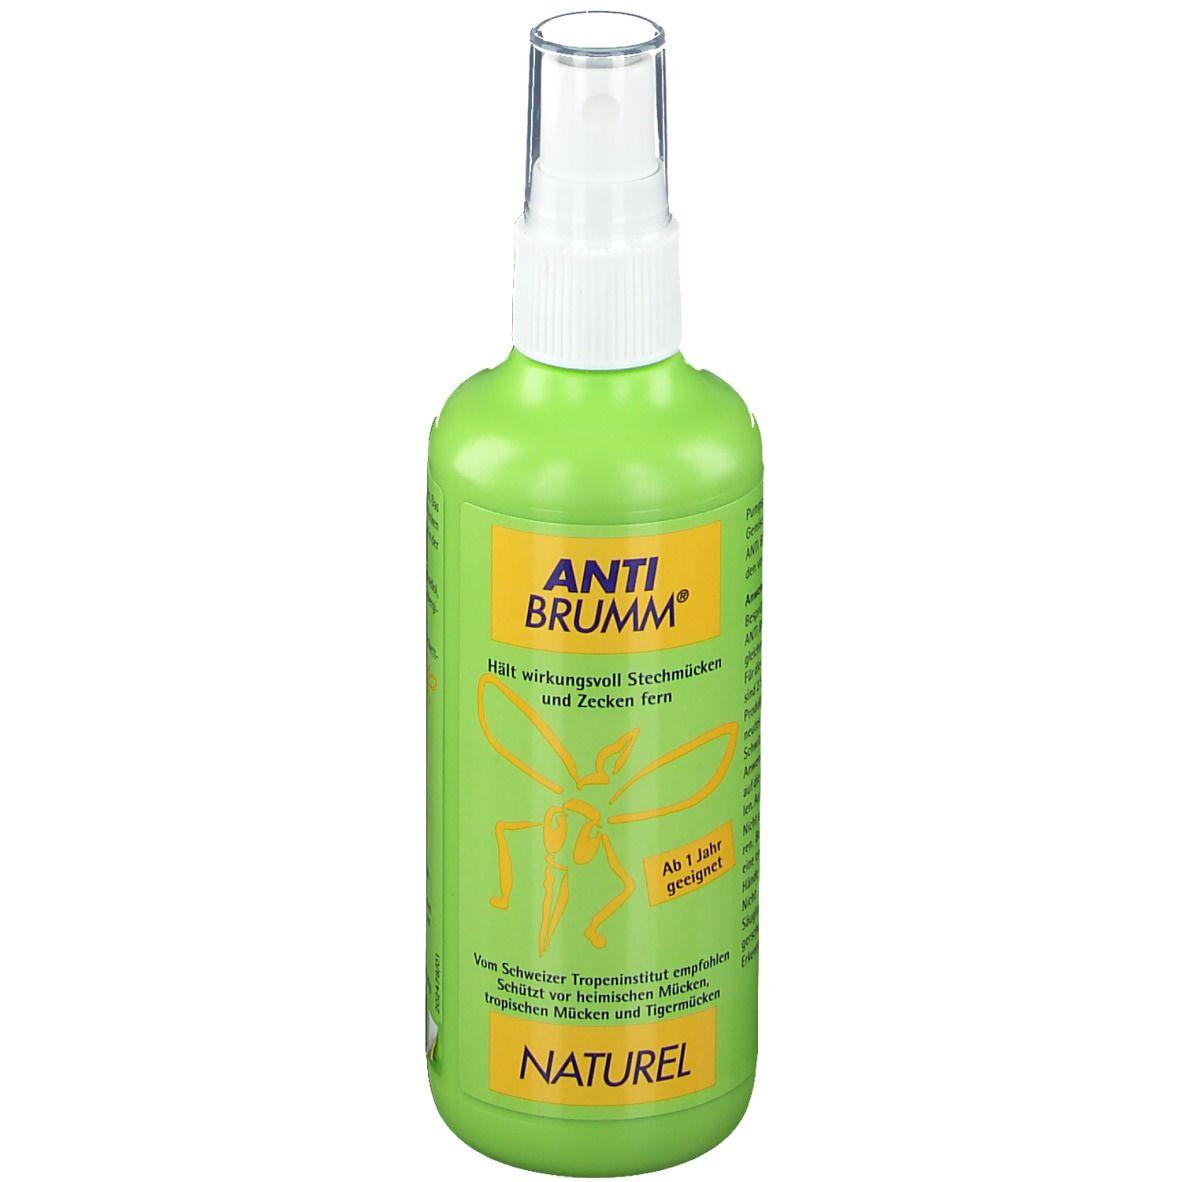 ANTI BRUMM® NATUREL Pumpzerstäuber